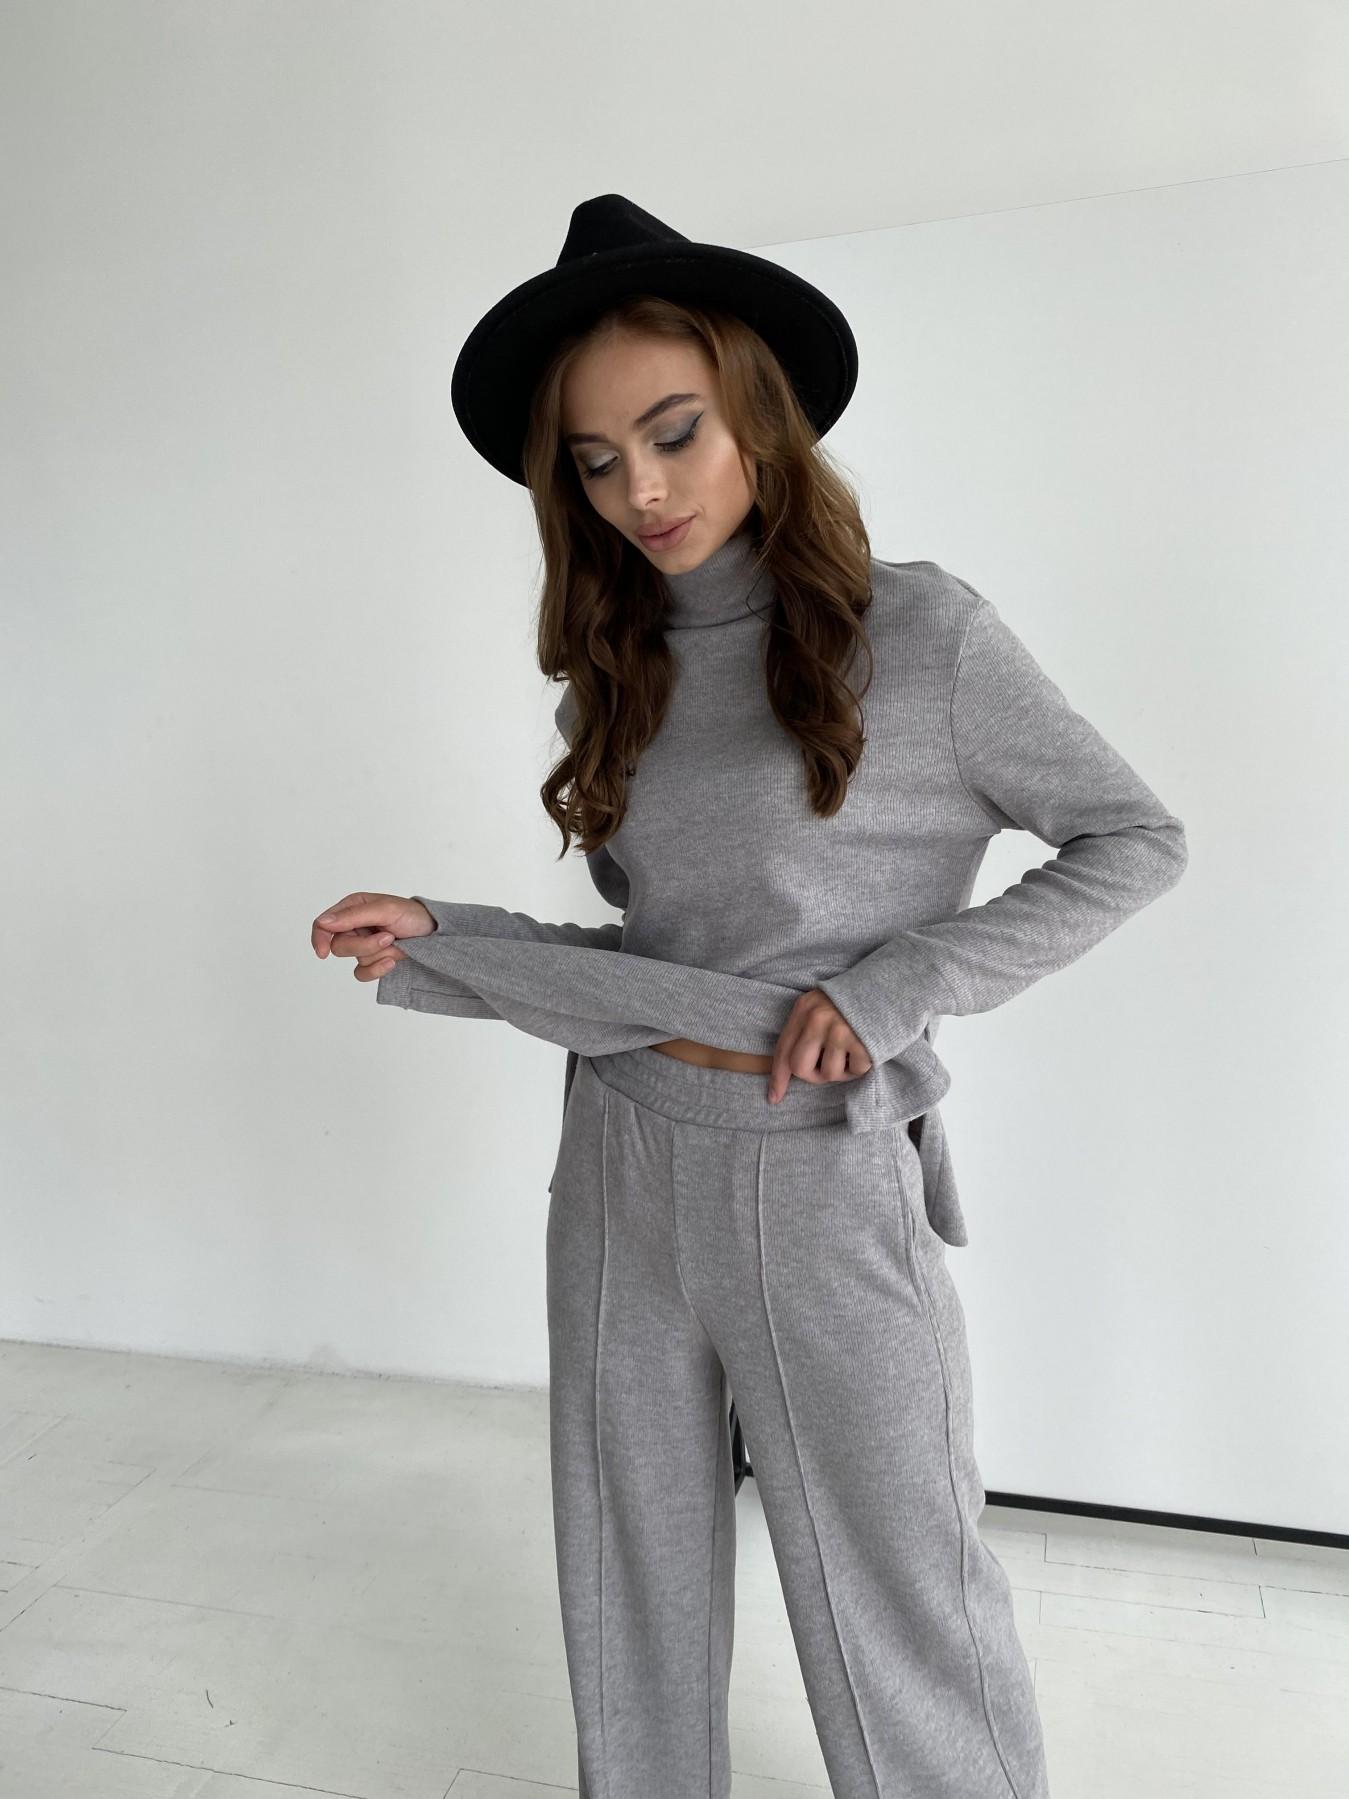 Эдем костюм из плотного трикотажа 11738 АРТ. 48444 Цвет: Серый - фото 8, интернет магазин tm-modus.ru